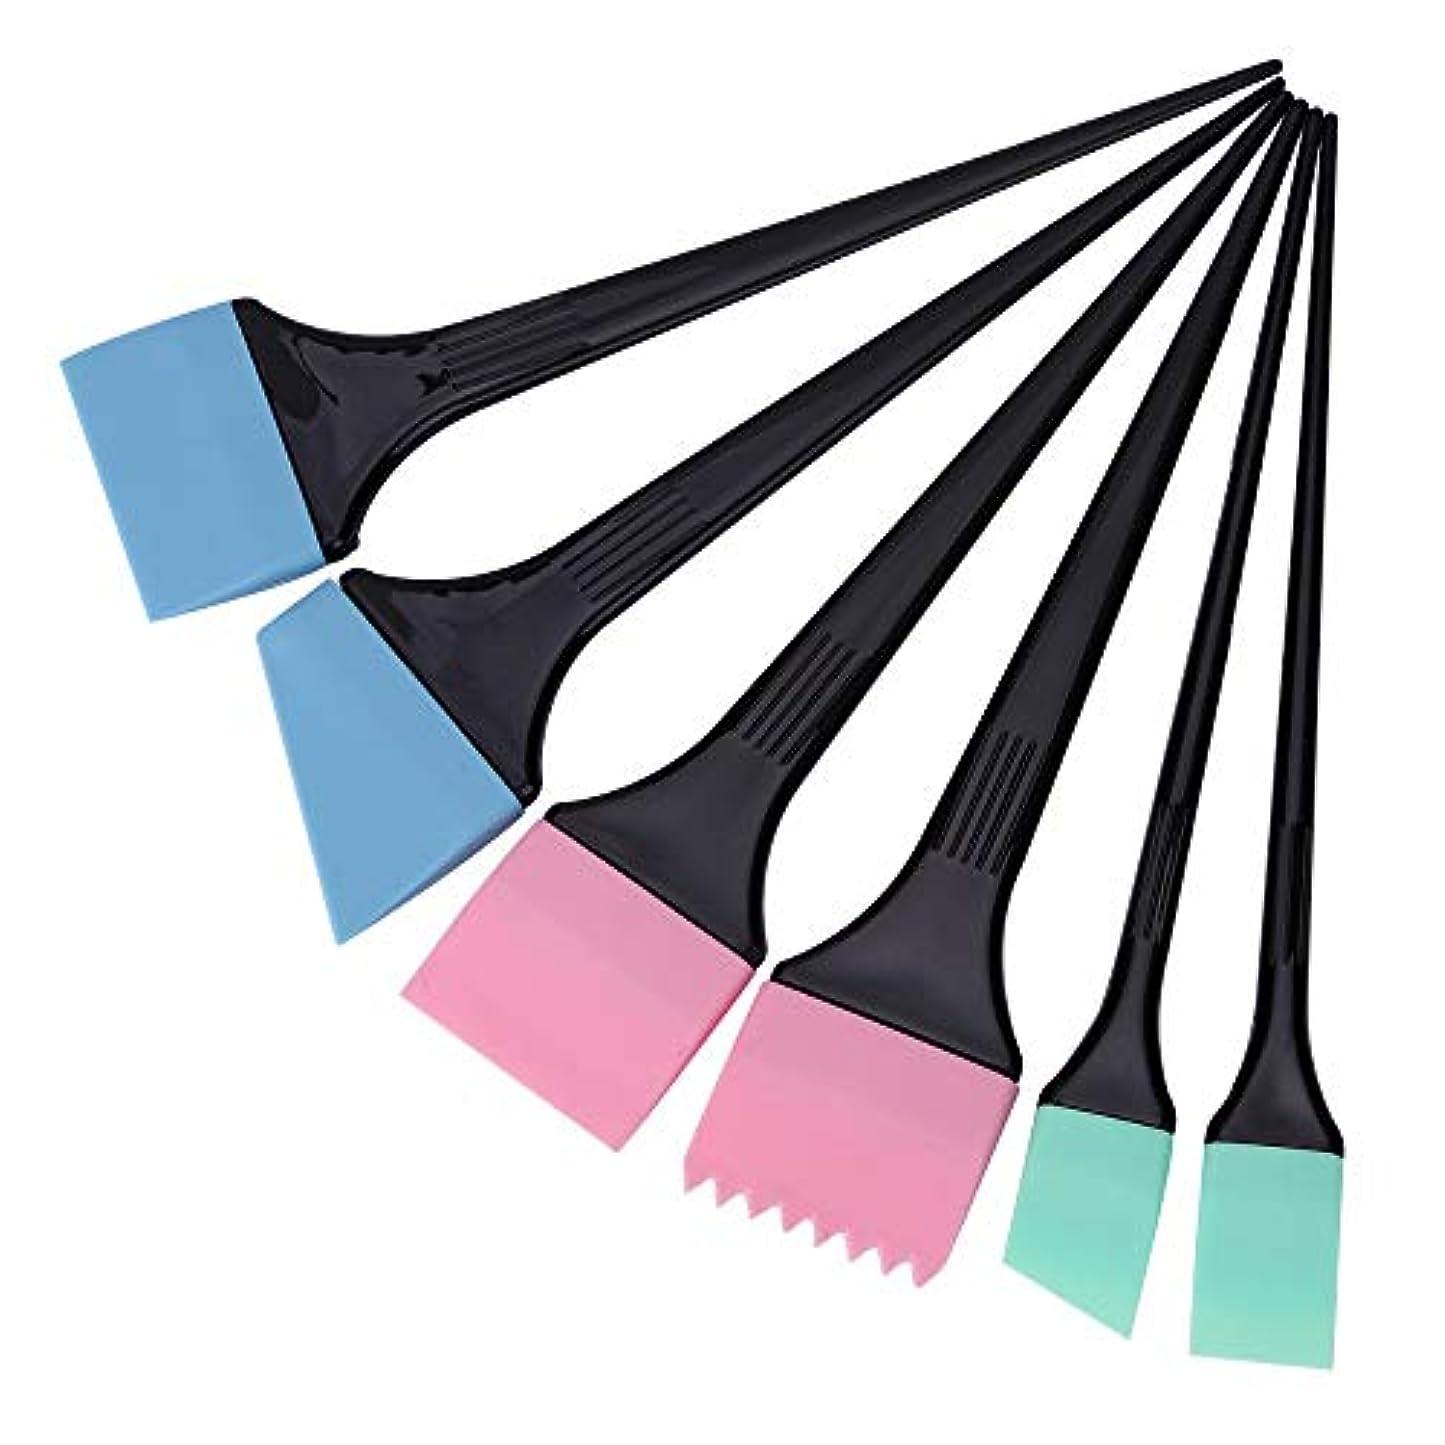 医療過誤オアシス緊急ヘアダイコーム&ブラシ 毛染めブラシ 6本/セット 着色櫛キット プロサロン 理髪スタイリングツール へアカラーセット グリーン